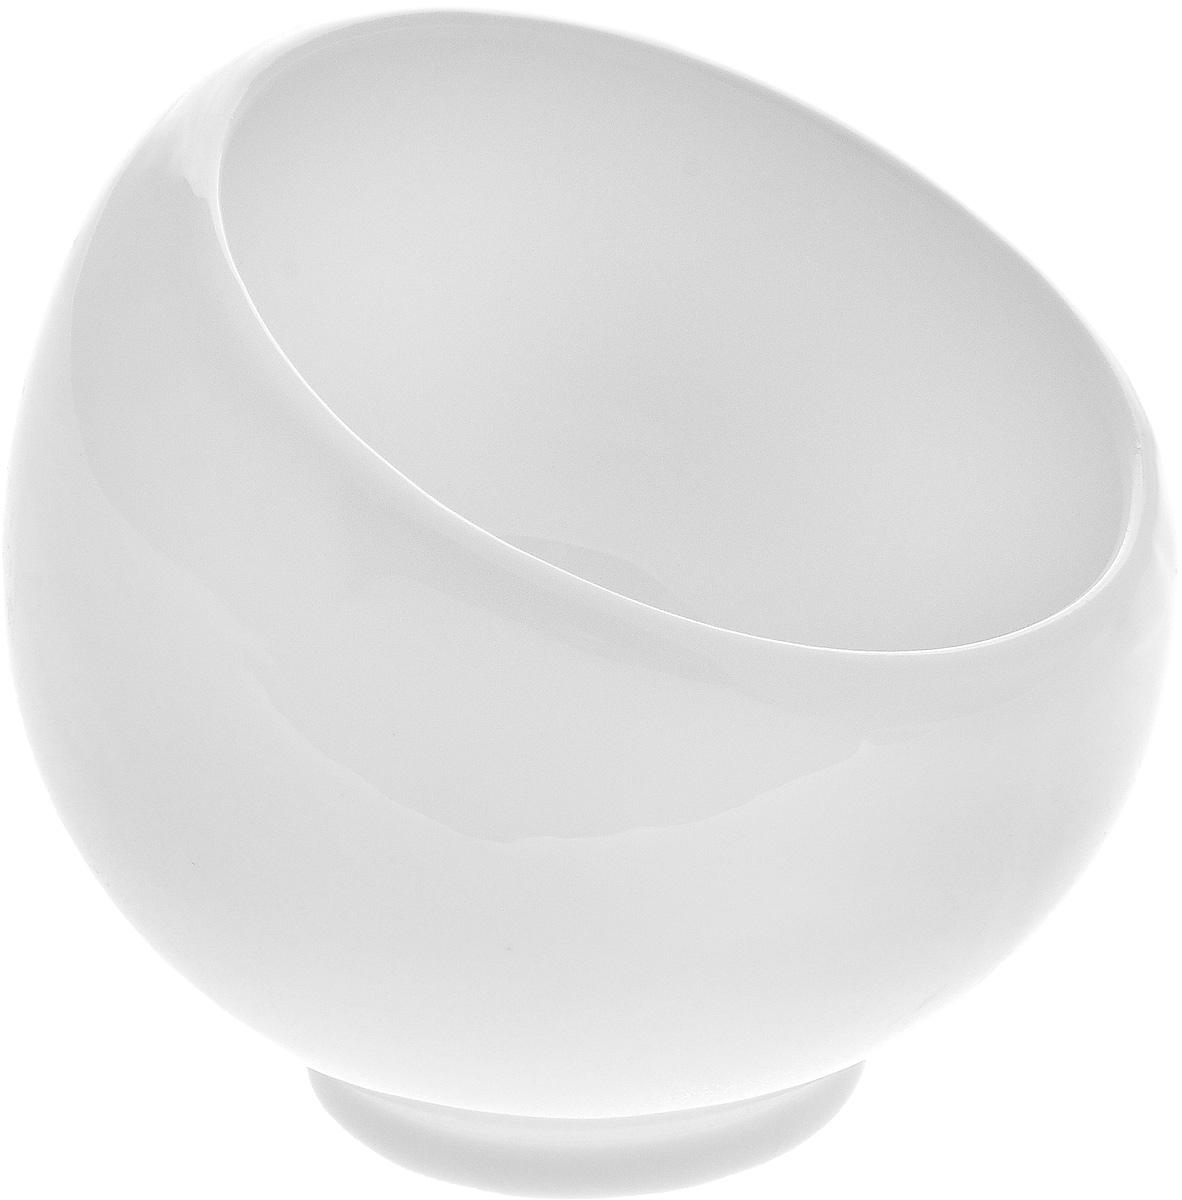 Сахарница Wilmax, 220 млWL-995000 / AСахарница Wilmax выполнена из высококачественного фарфора с глазурованным покрытием. Изделие имеет элегантную форму и может использоваться в качестве креманки. Десерт, поданный в такой посуде, будет ещё более сладким. br> Сахарница Wilmax станет отличным дополнением к сервировке семейного стола и замечательным подарком для ваших родных и друзей. Можно мыть в посудомоечной машине и использовать в микроволновой печи. Диаметр (по верхнему краю): 8,5 см. Высота (без учета крышки): 9 см.